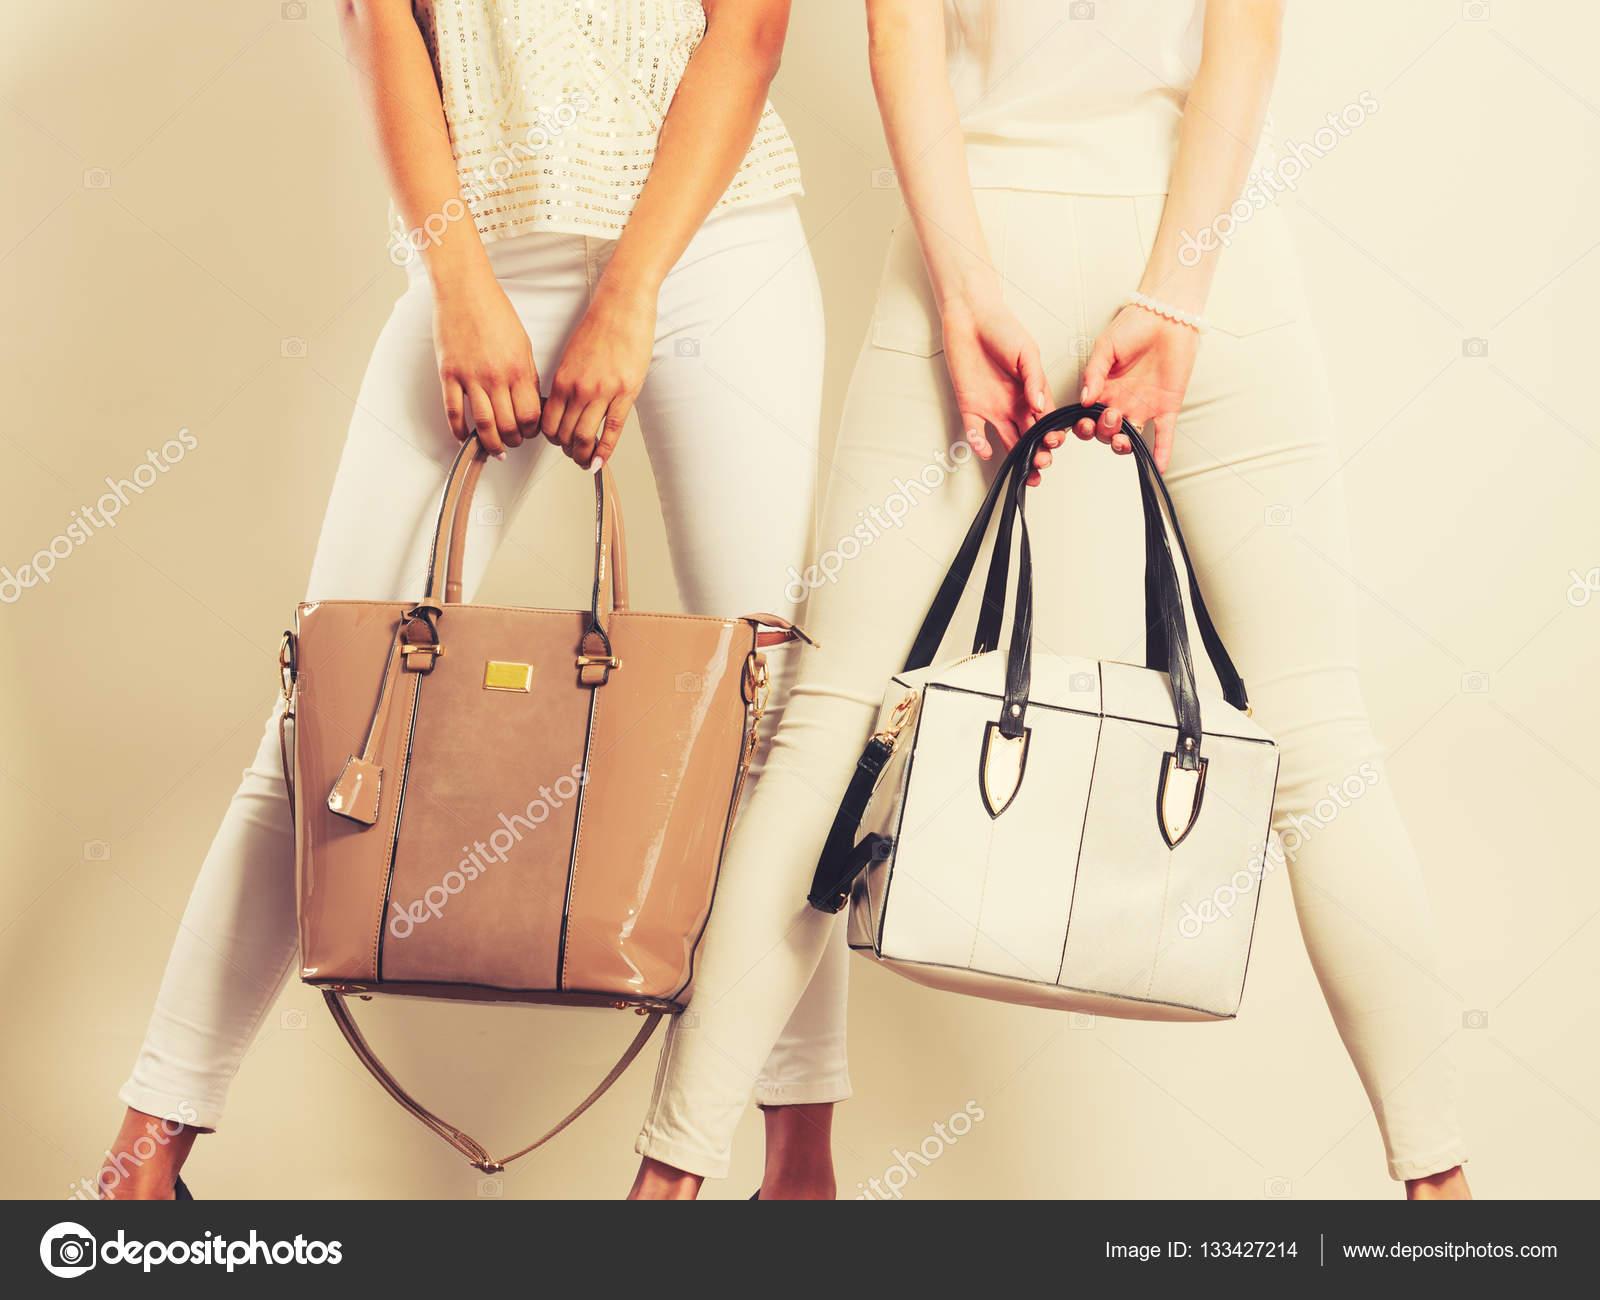 594dc76c1 Imágenes: chicas con bolsos   Moda chicas con bolsos de mano bolsos ...